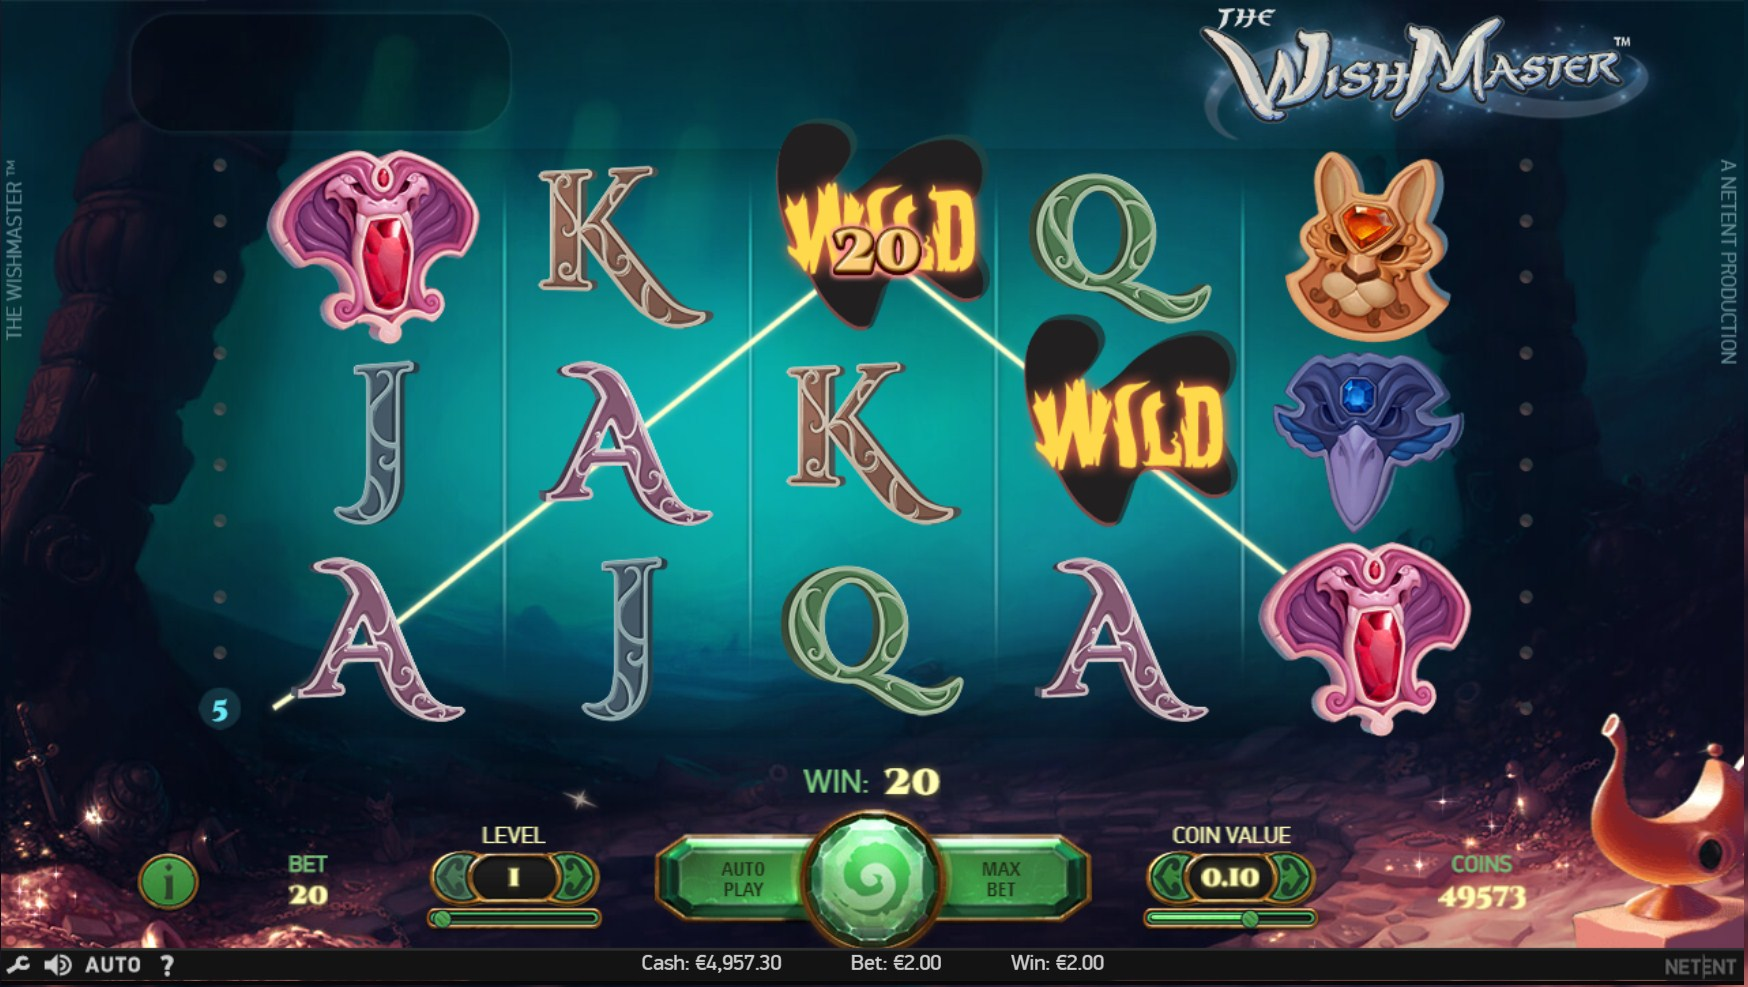 The Wish Master Slot Gameplay